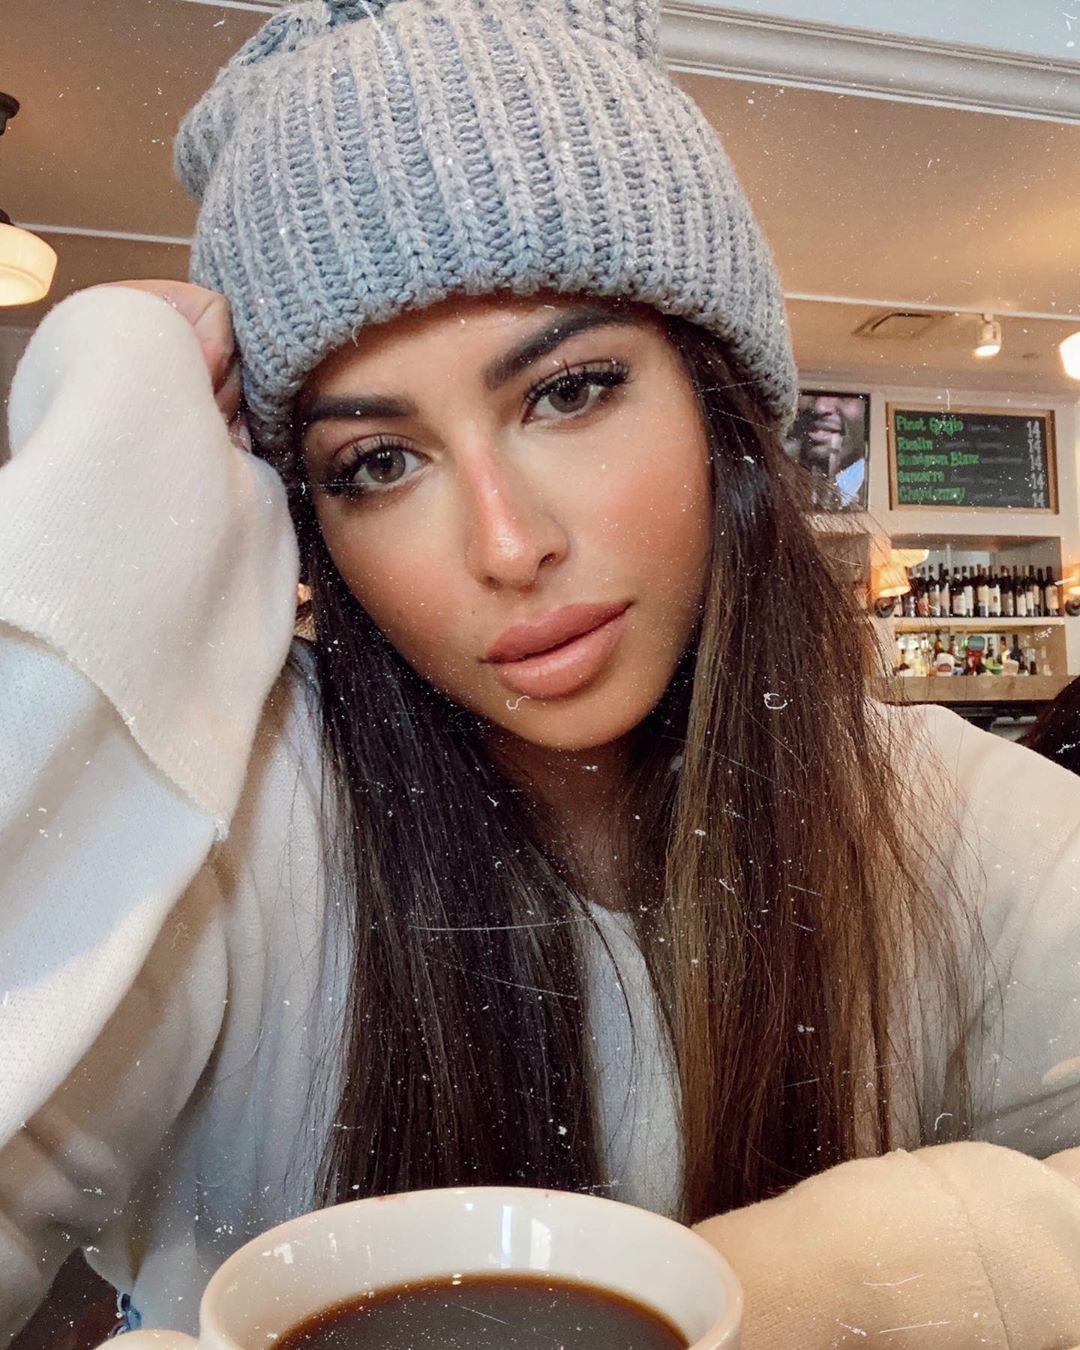 Lama Alakeel لما العقيل On Instagram Cozy Mornings Lenses Clay Diva Lenses العدسات من ديفا اللون Clay متوفرة في النهدي Knitted Hats Fashion Knitting